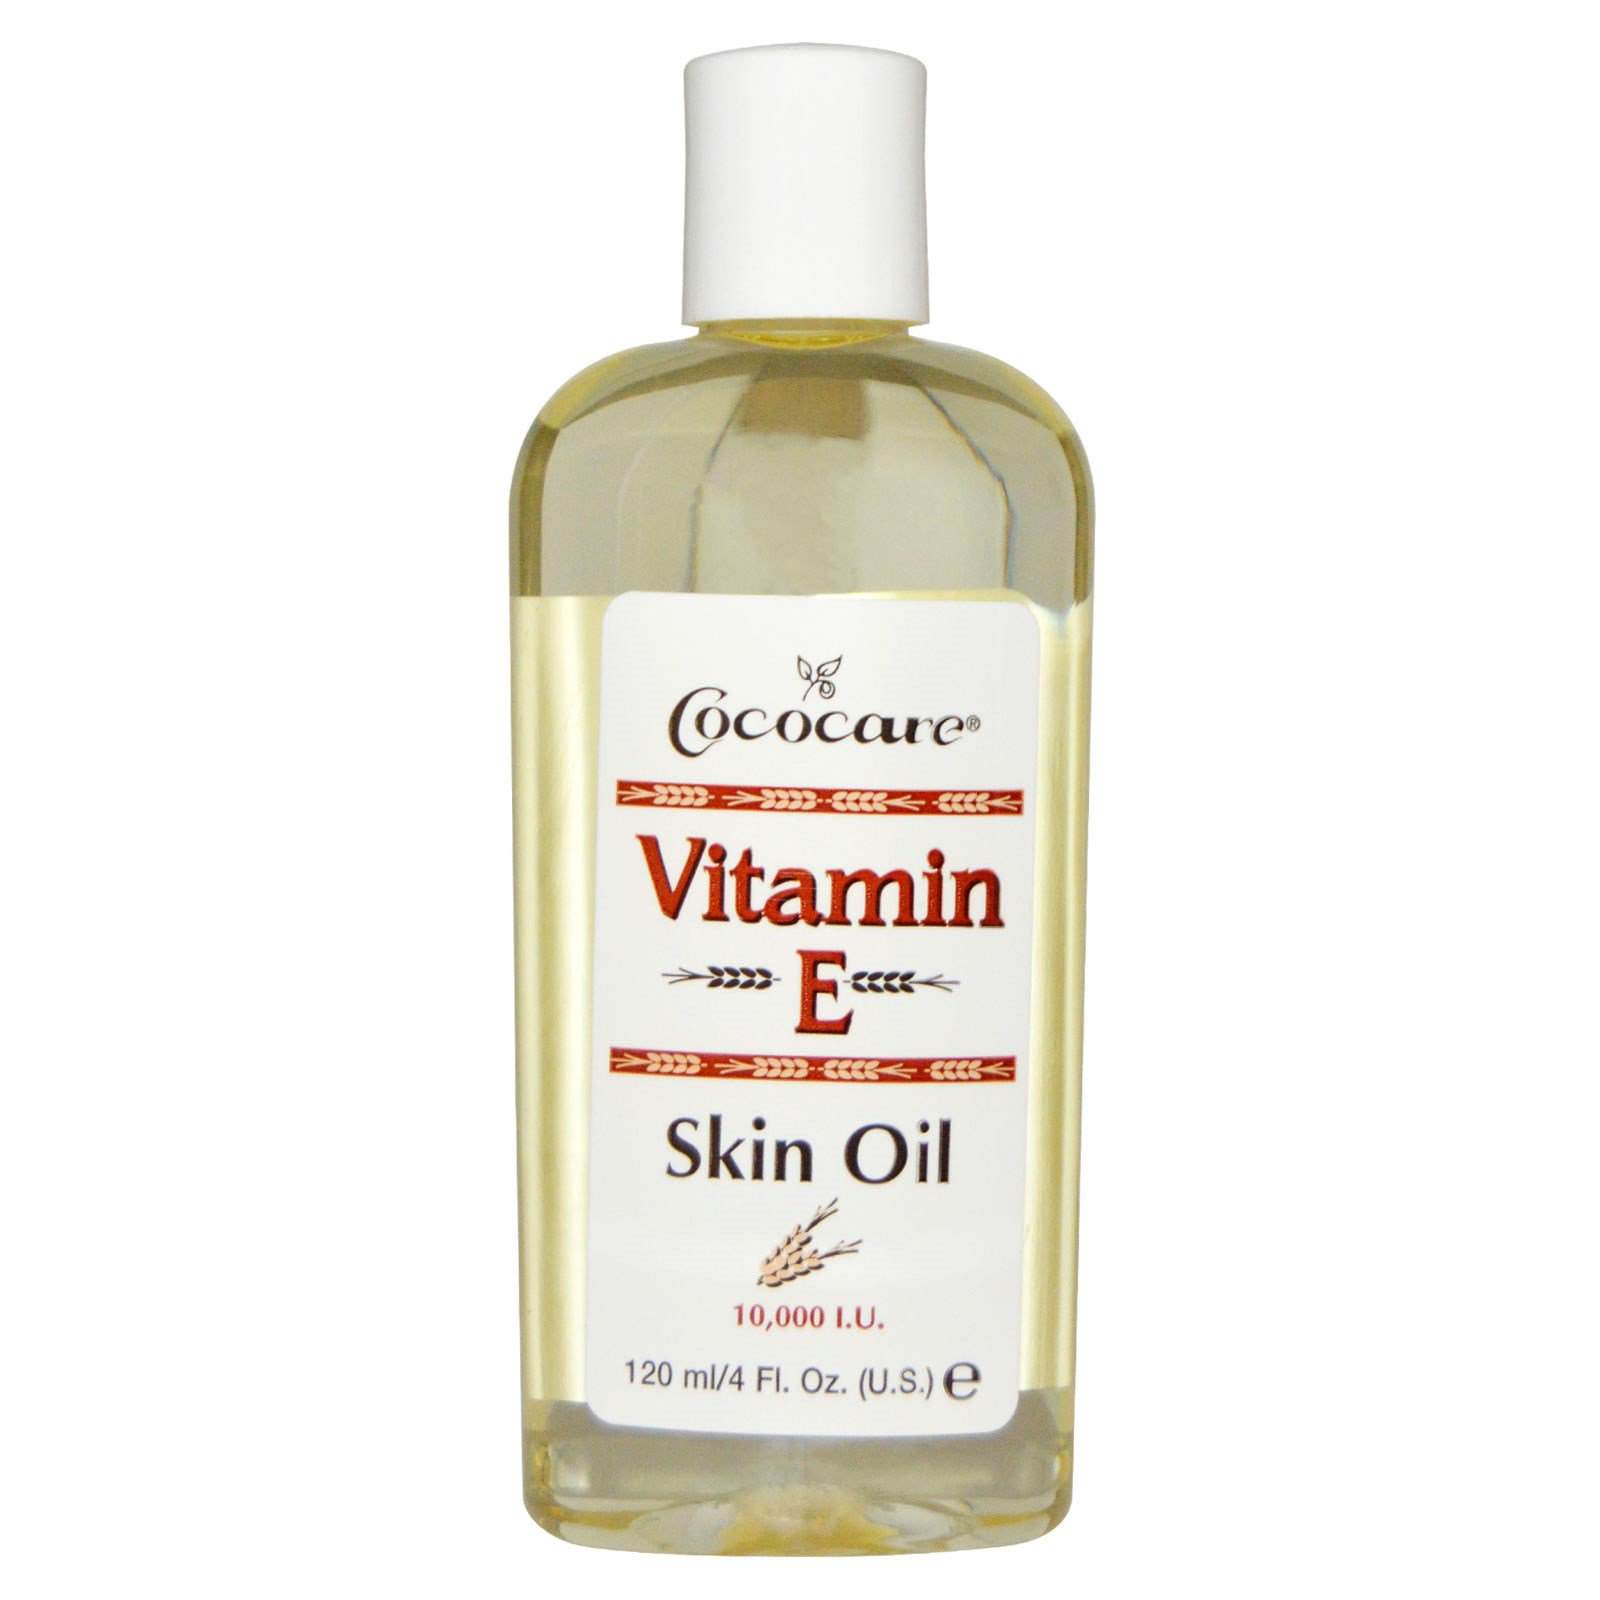 Vitamin oil for skin